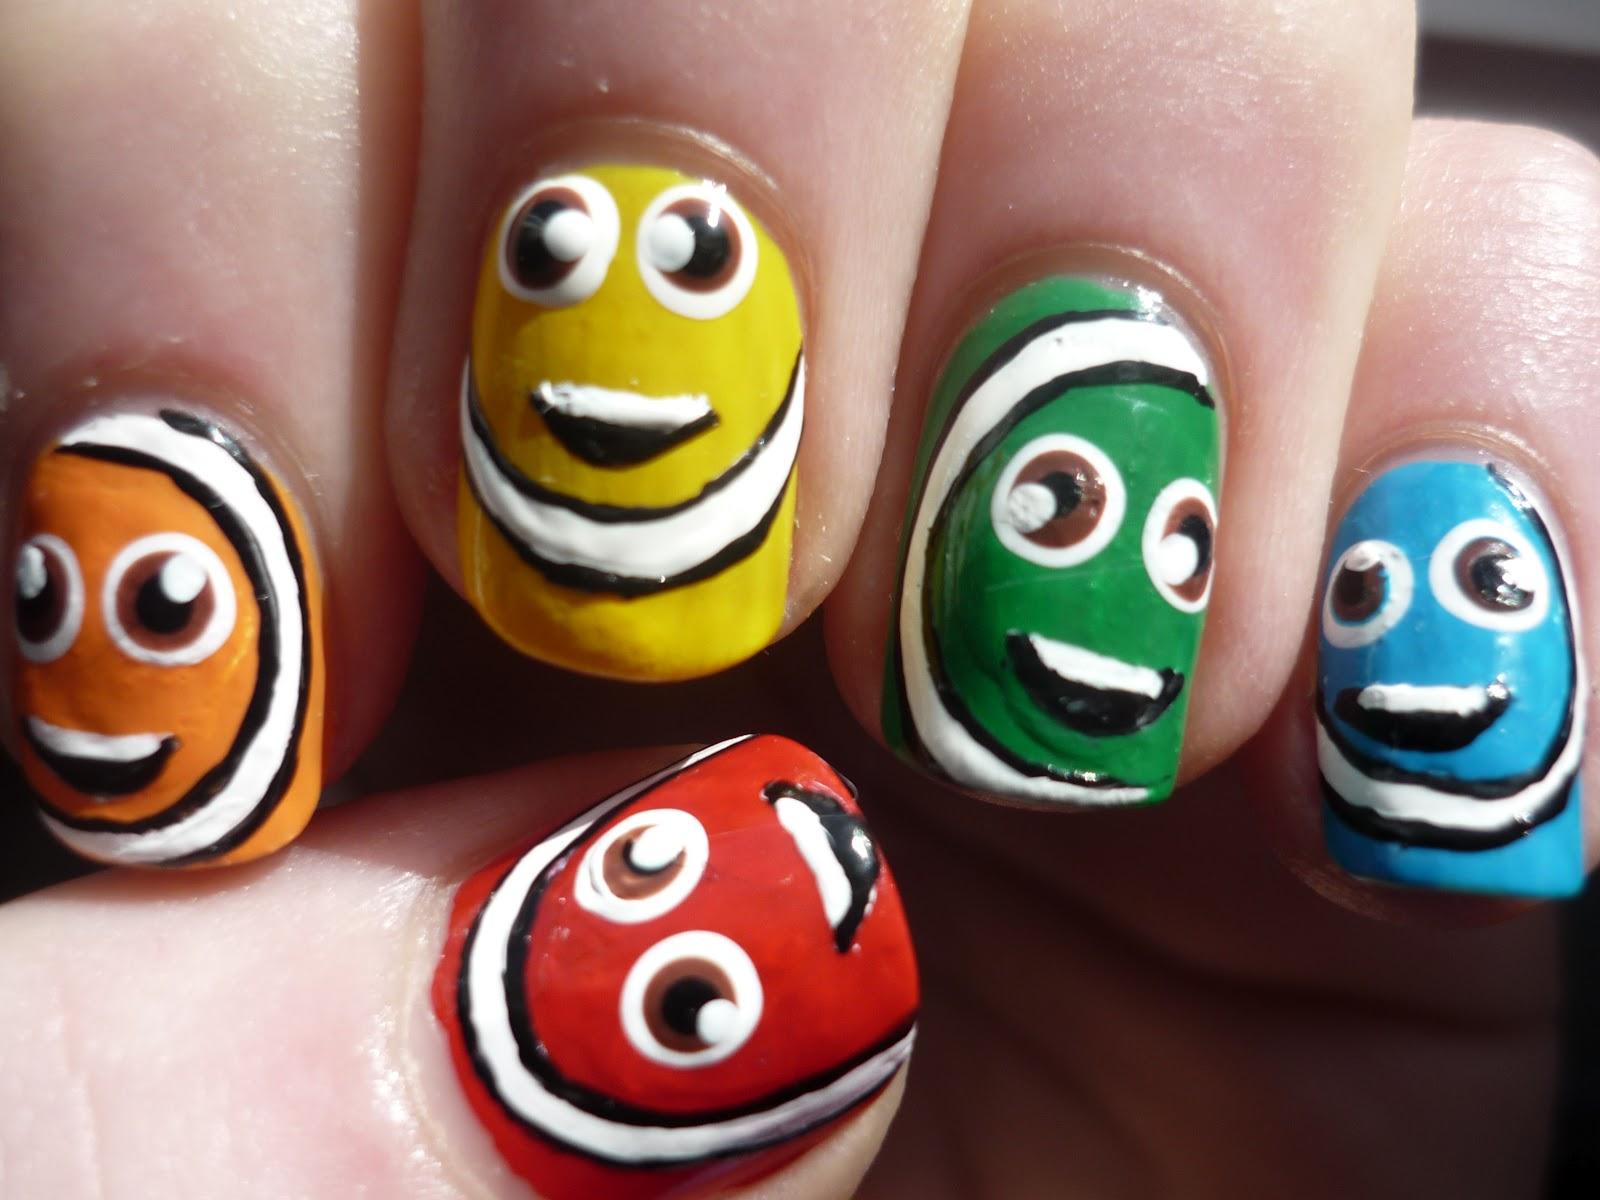 Adorable Faces Nail Art Juliatmll Nail Art